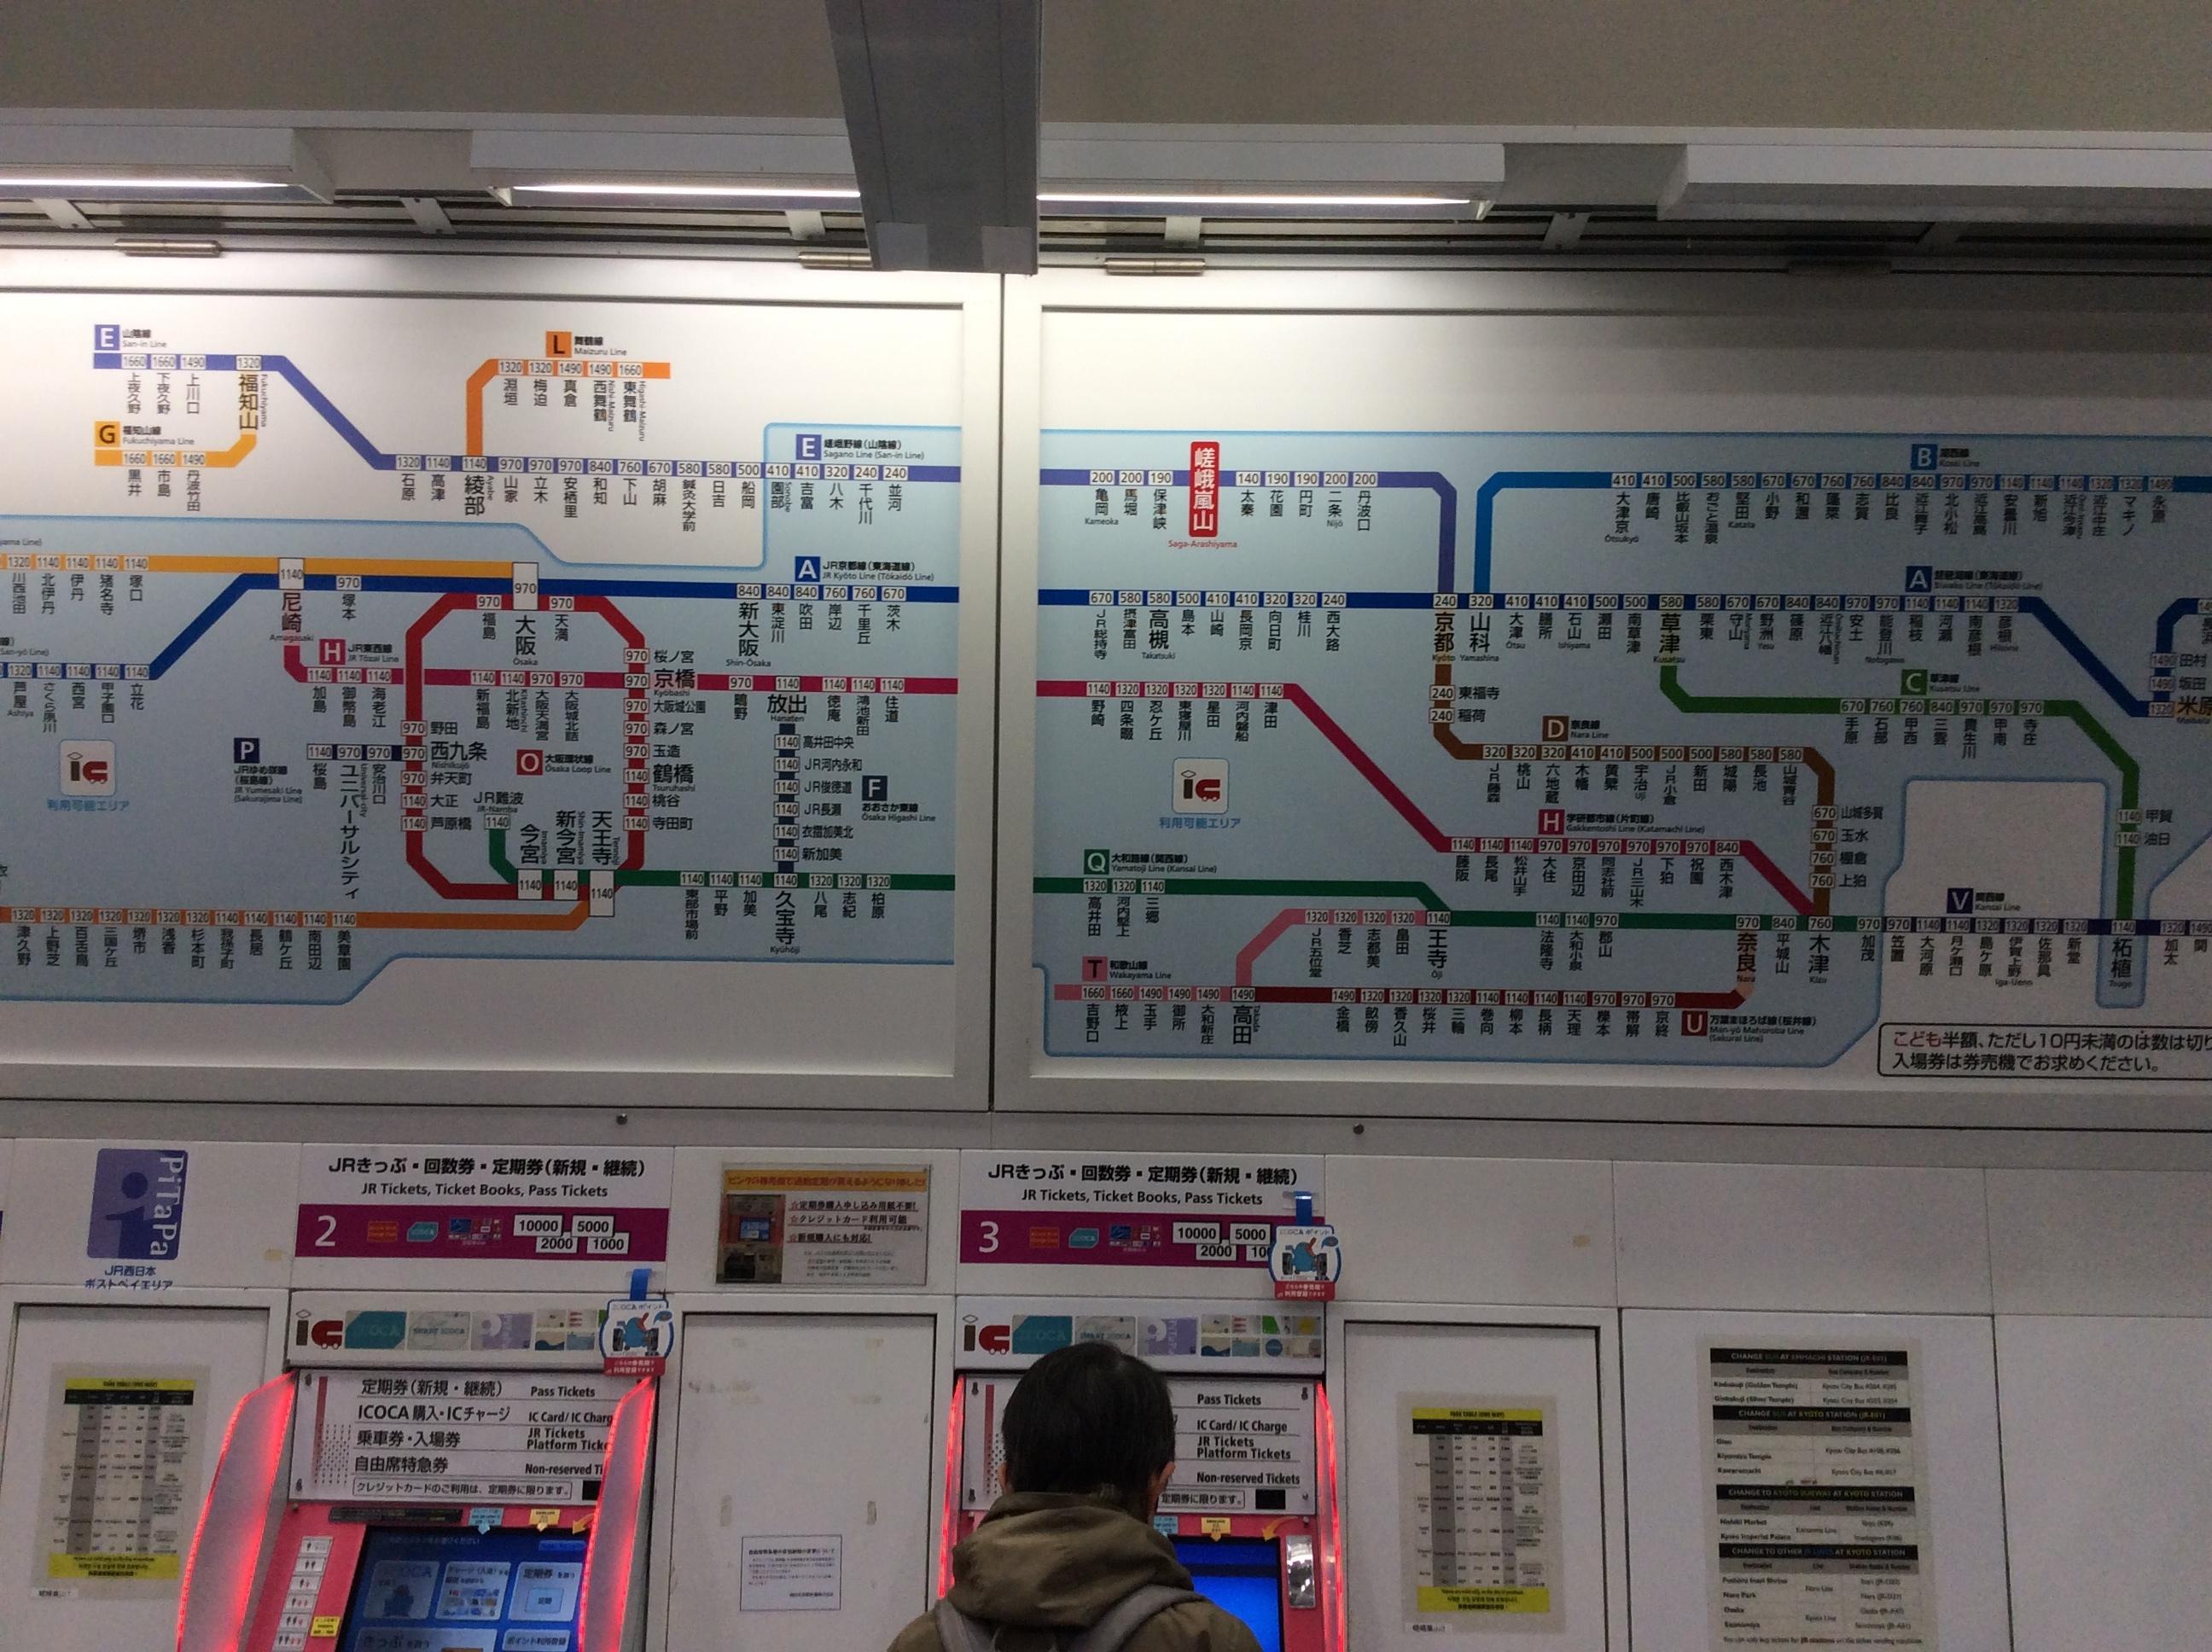 JR嵐山駅の路線案内図